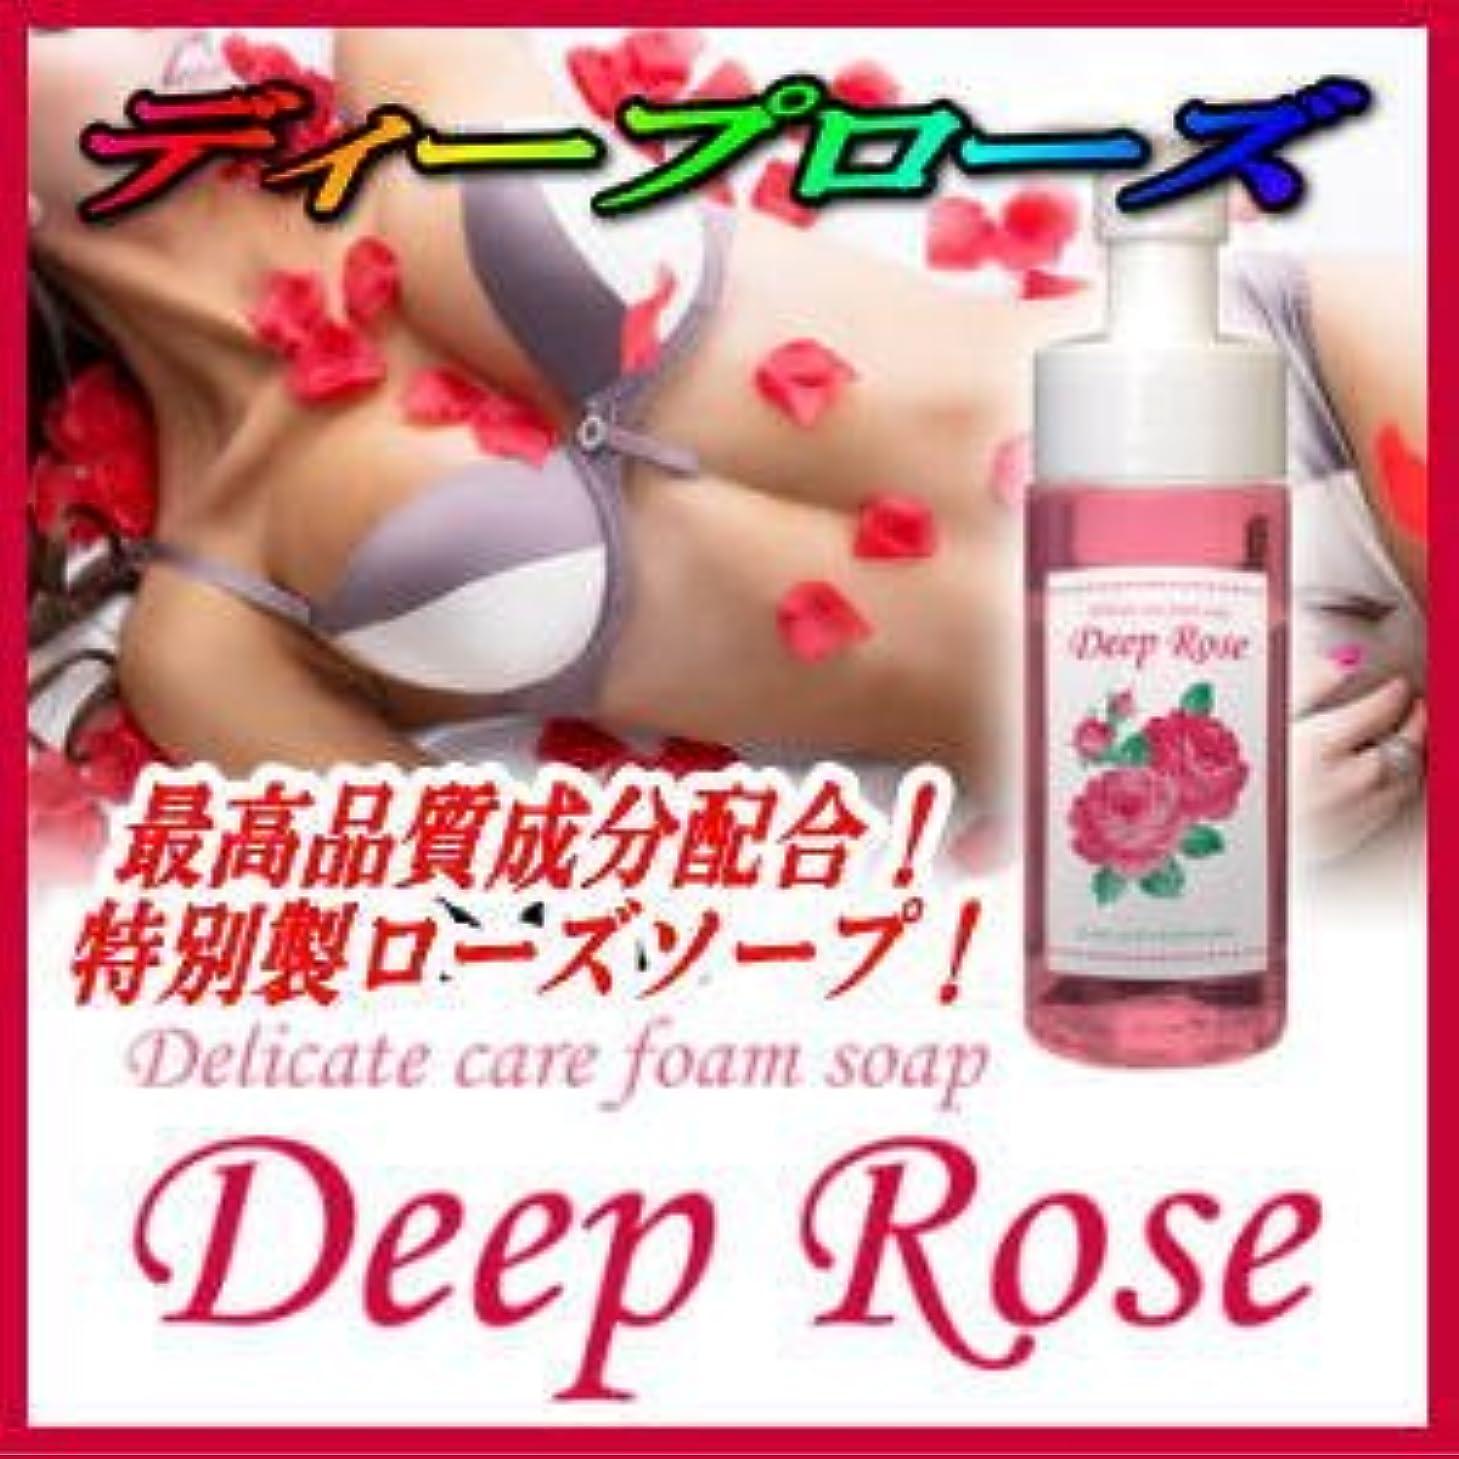 プラスチック博物館名前DEEP ROSE (ディープローズ)